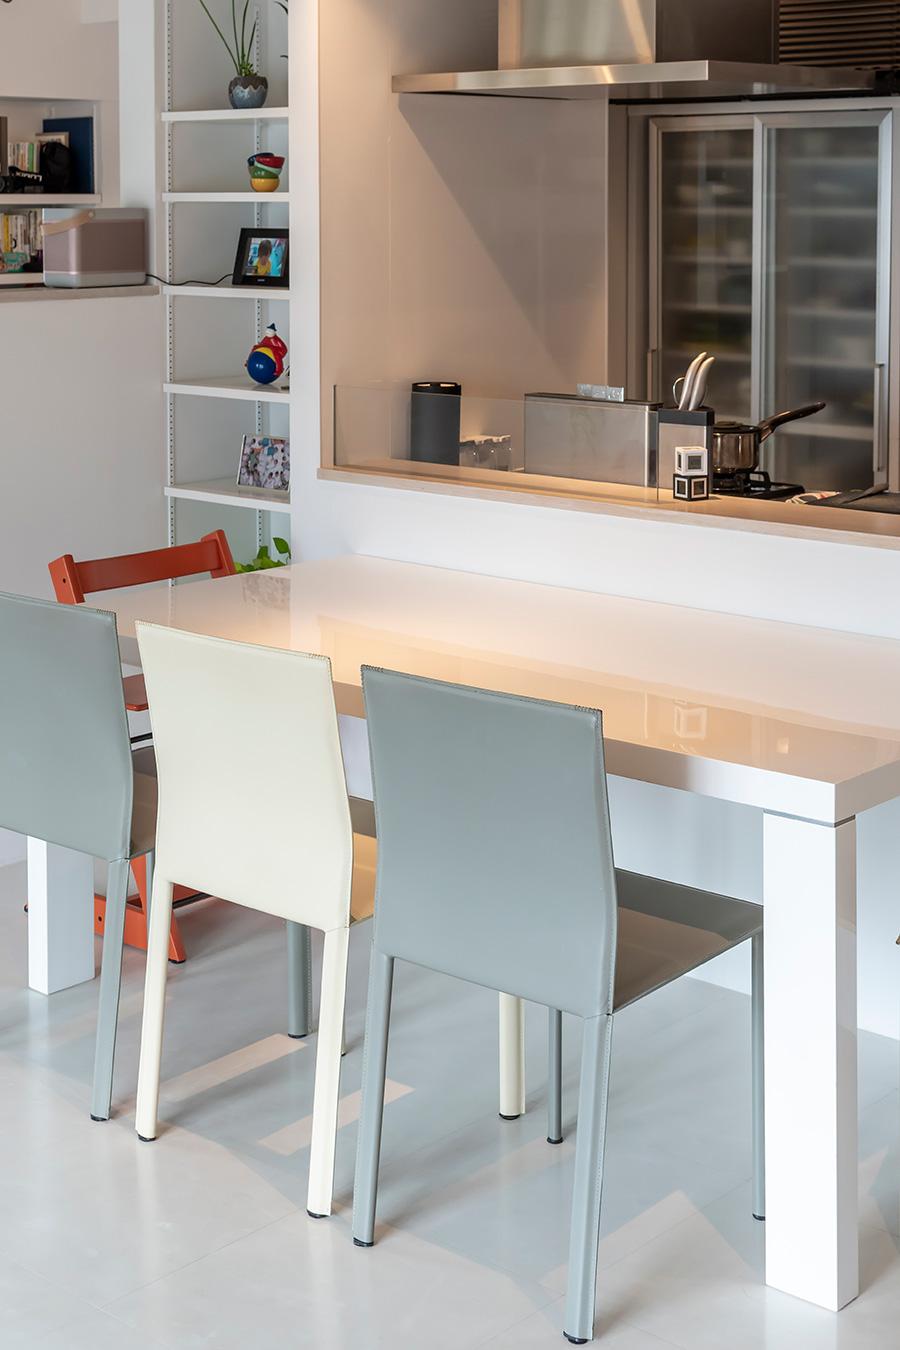 ダイニングテーブルは、キッチンと対面するように配置。